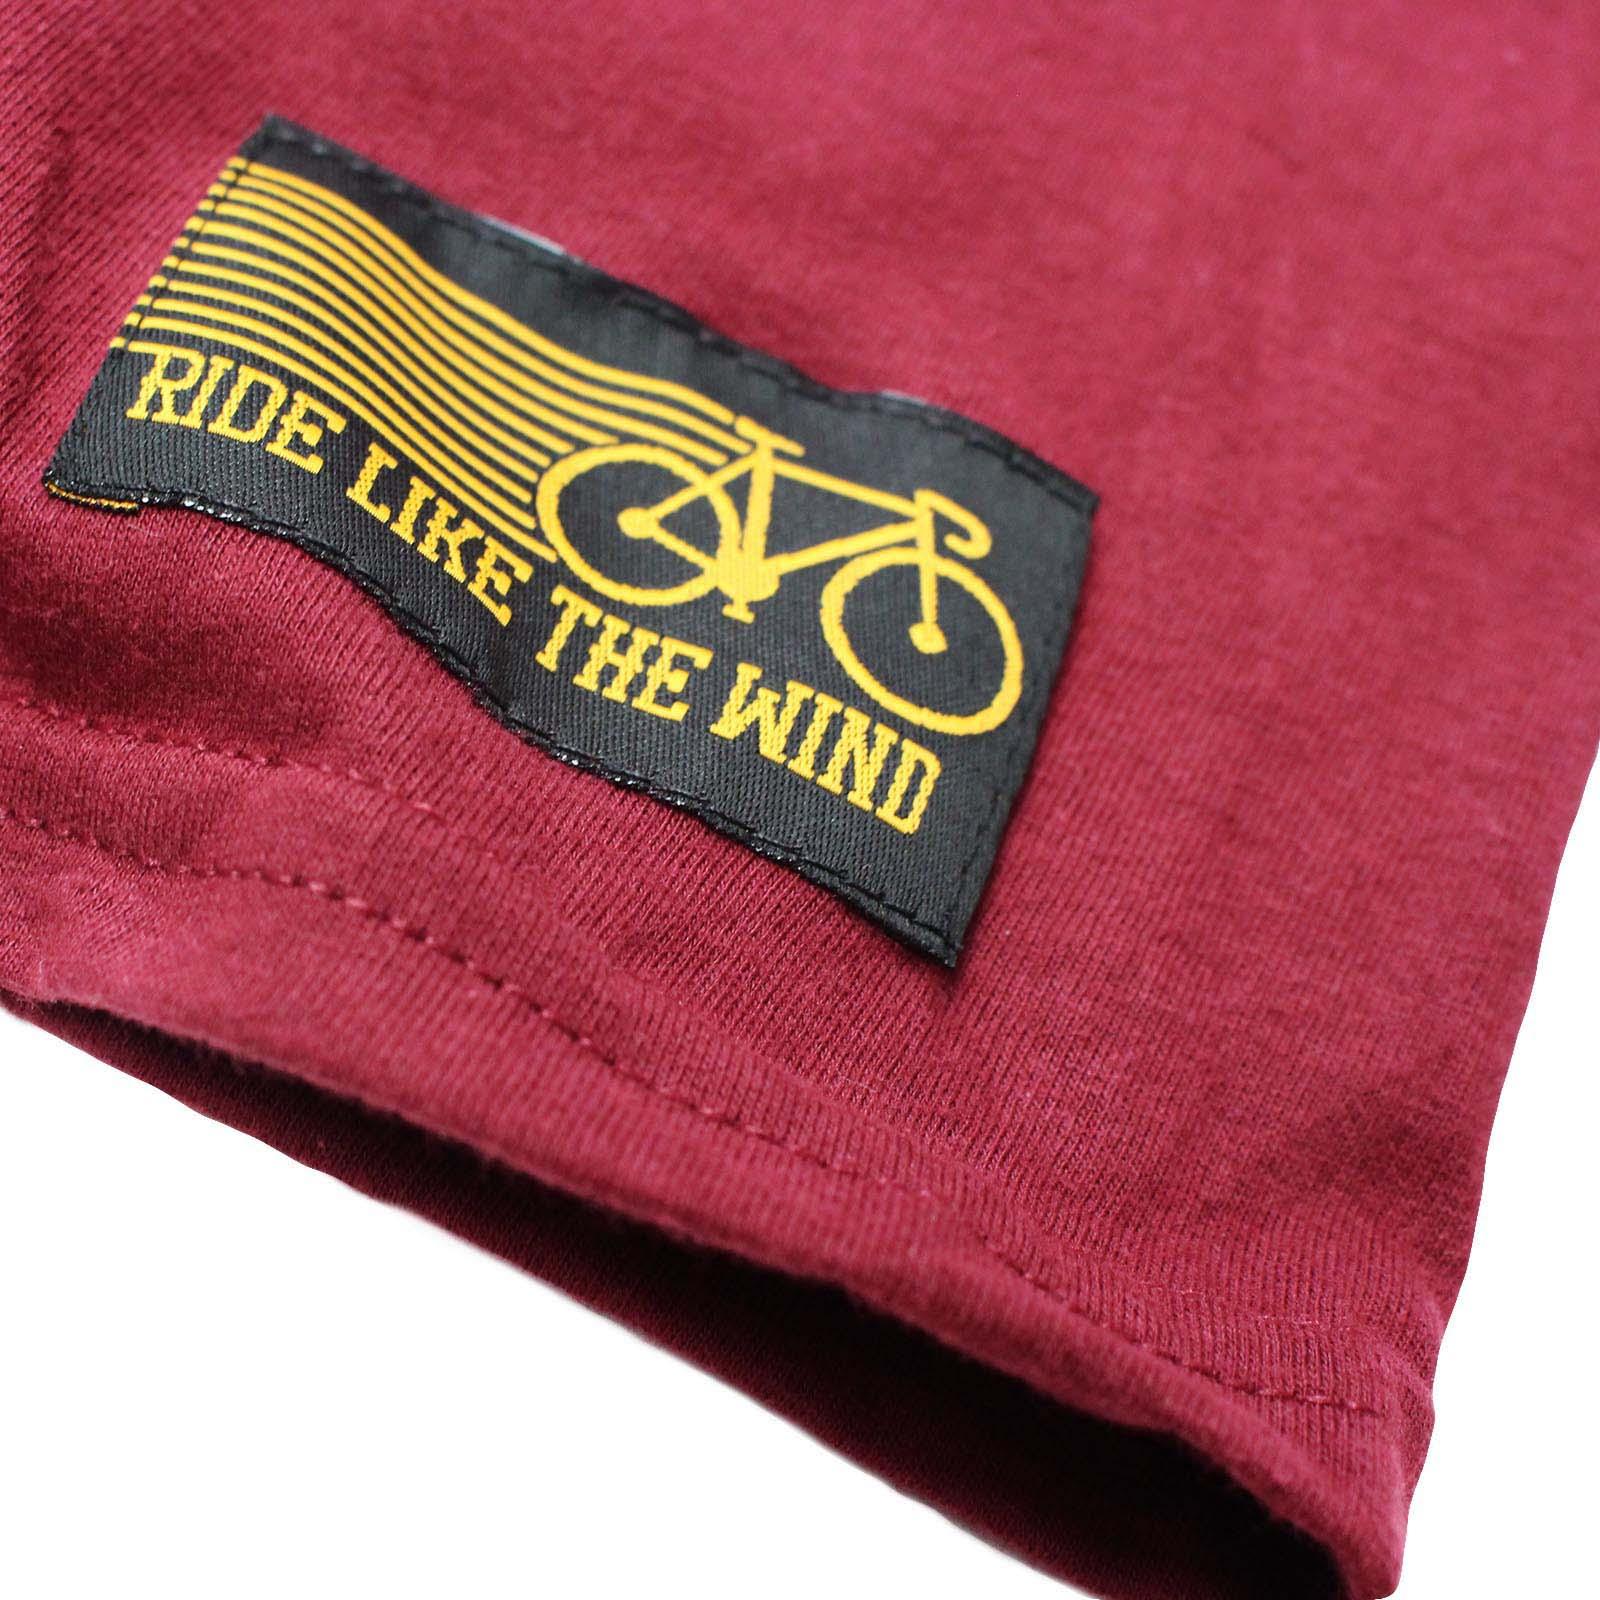 FB-Cycling-Tee-Ocd-Cycling-Novelty-Birthday-Christmas-Gift-Mens-T-Shirt thumbnail 20